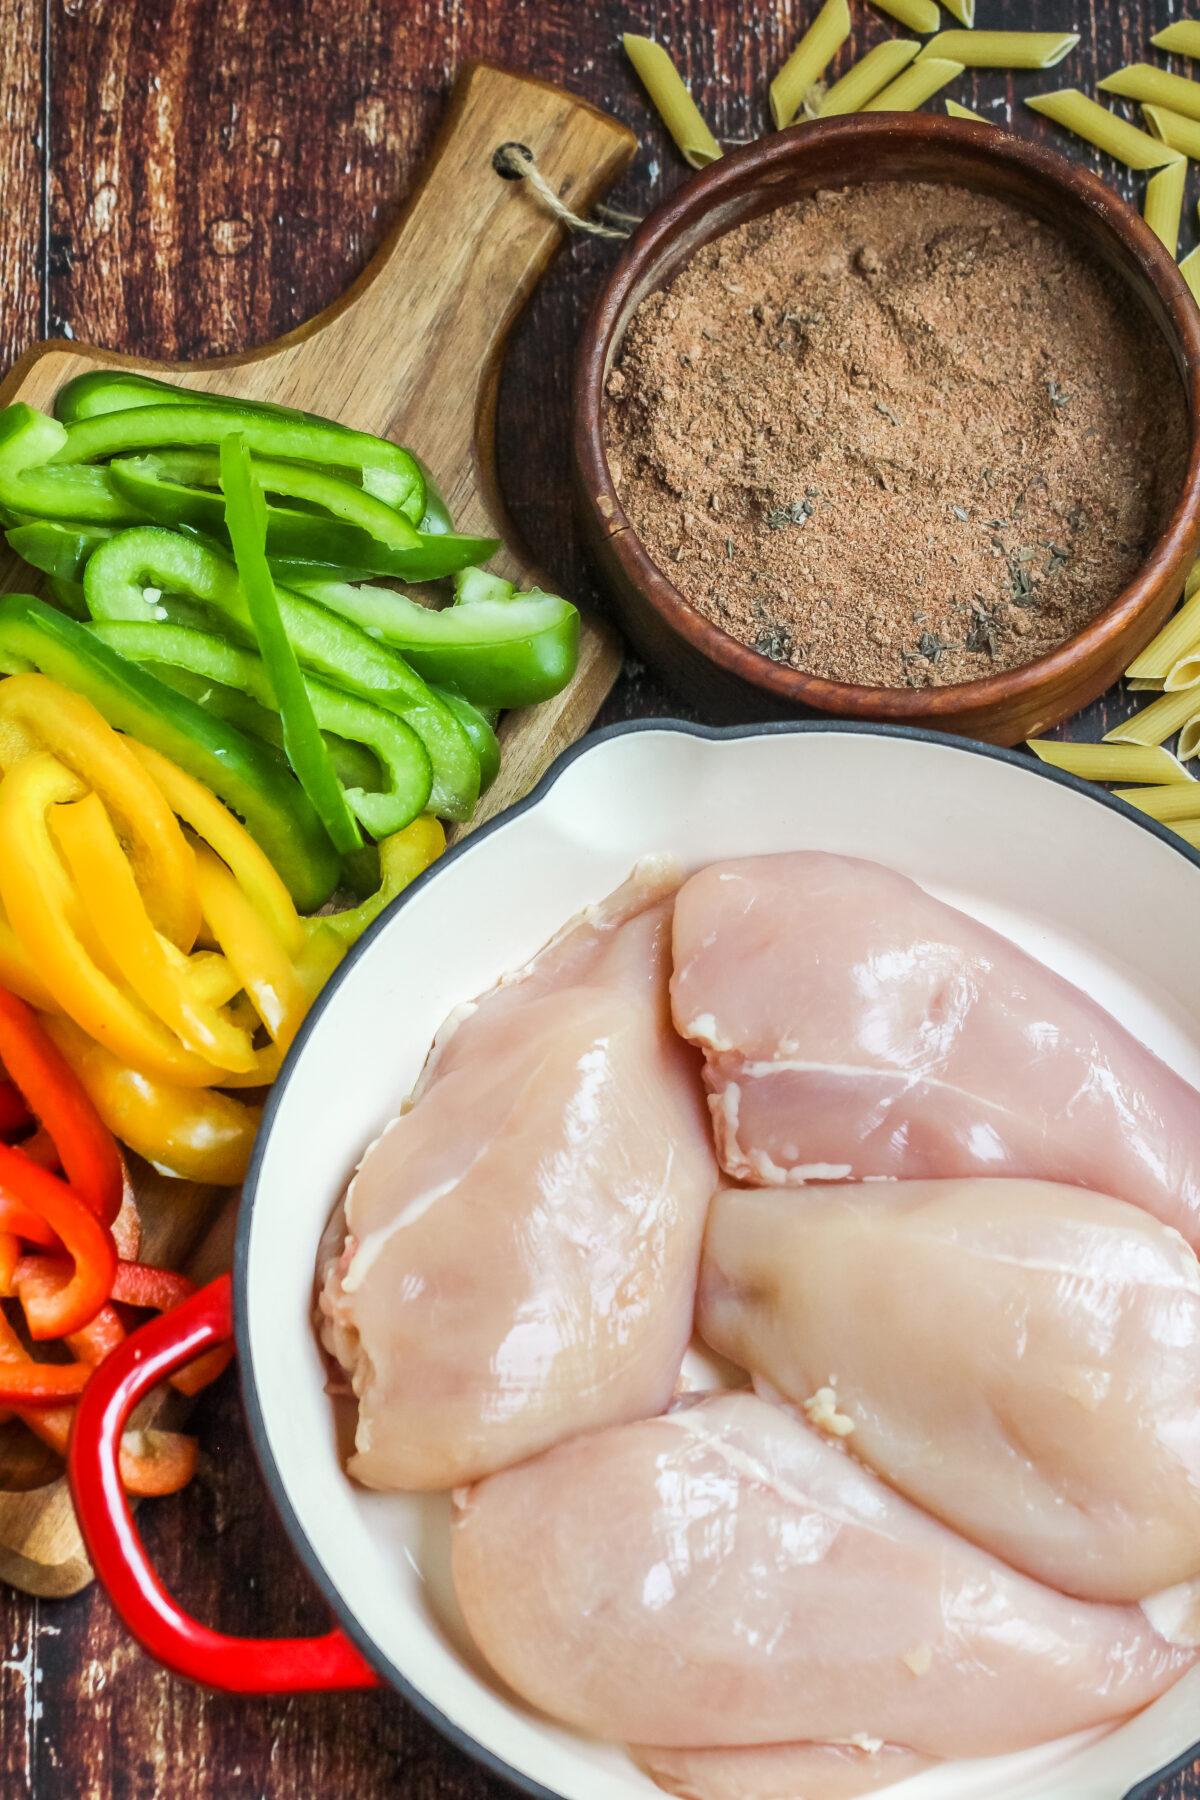 Ingredients for Rasta Pasta